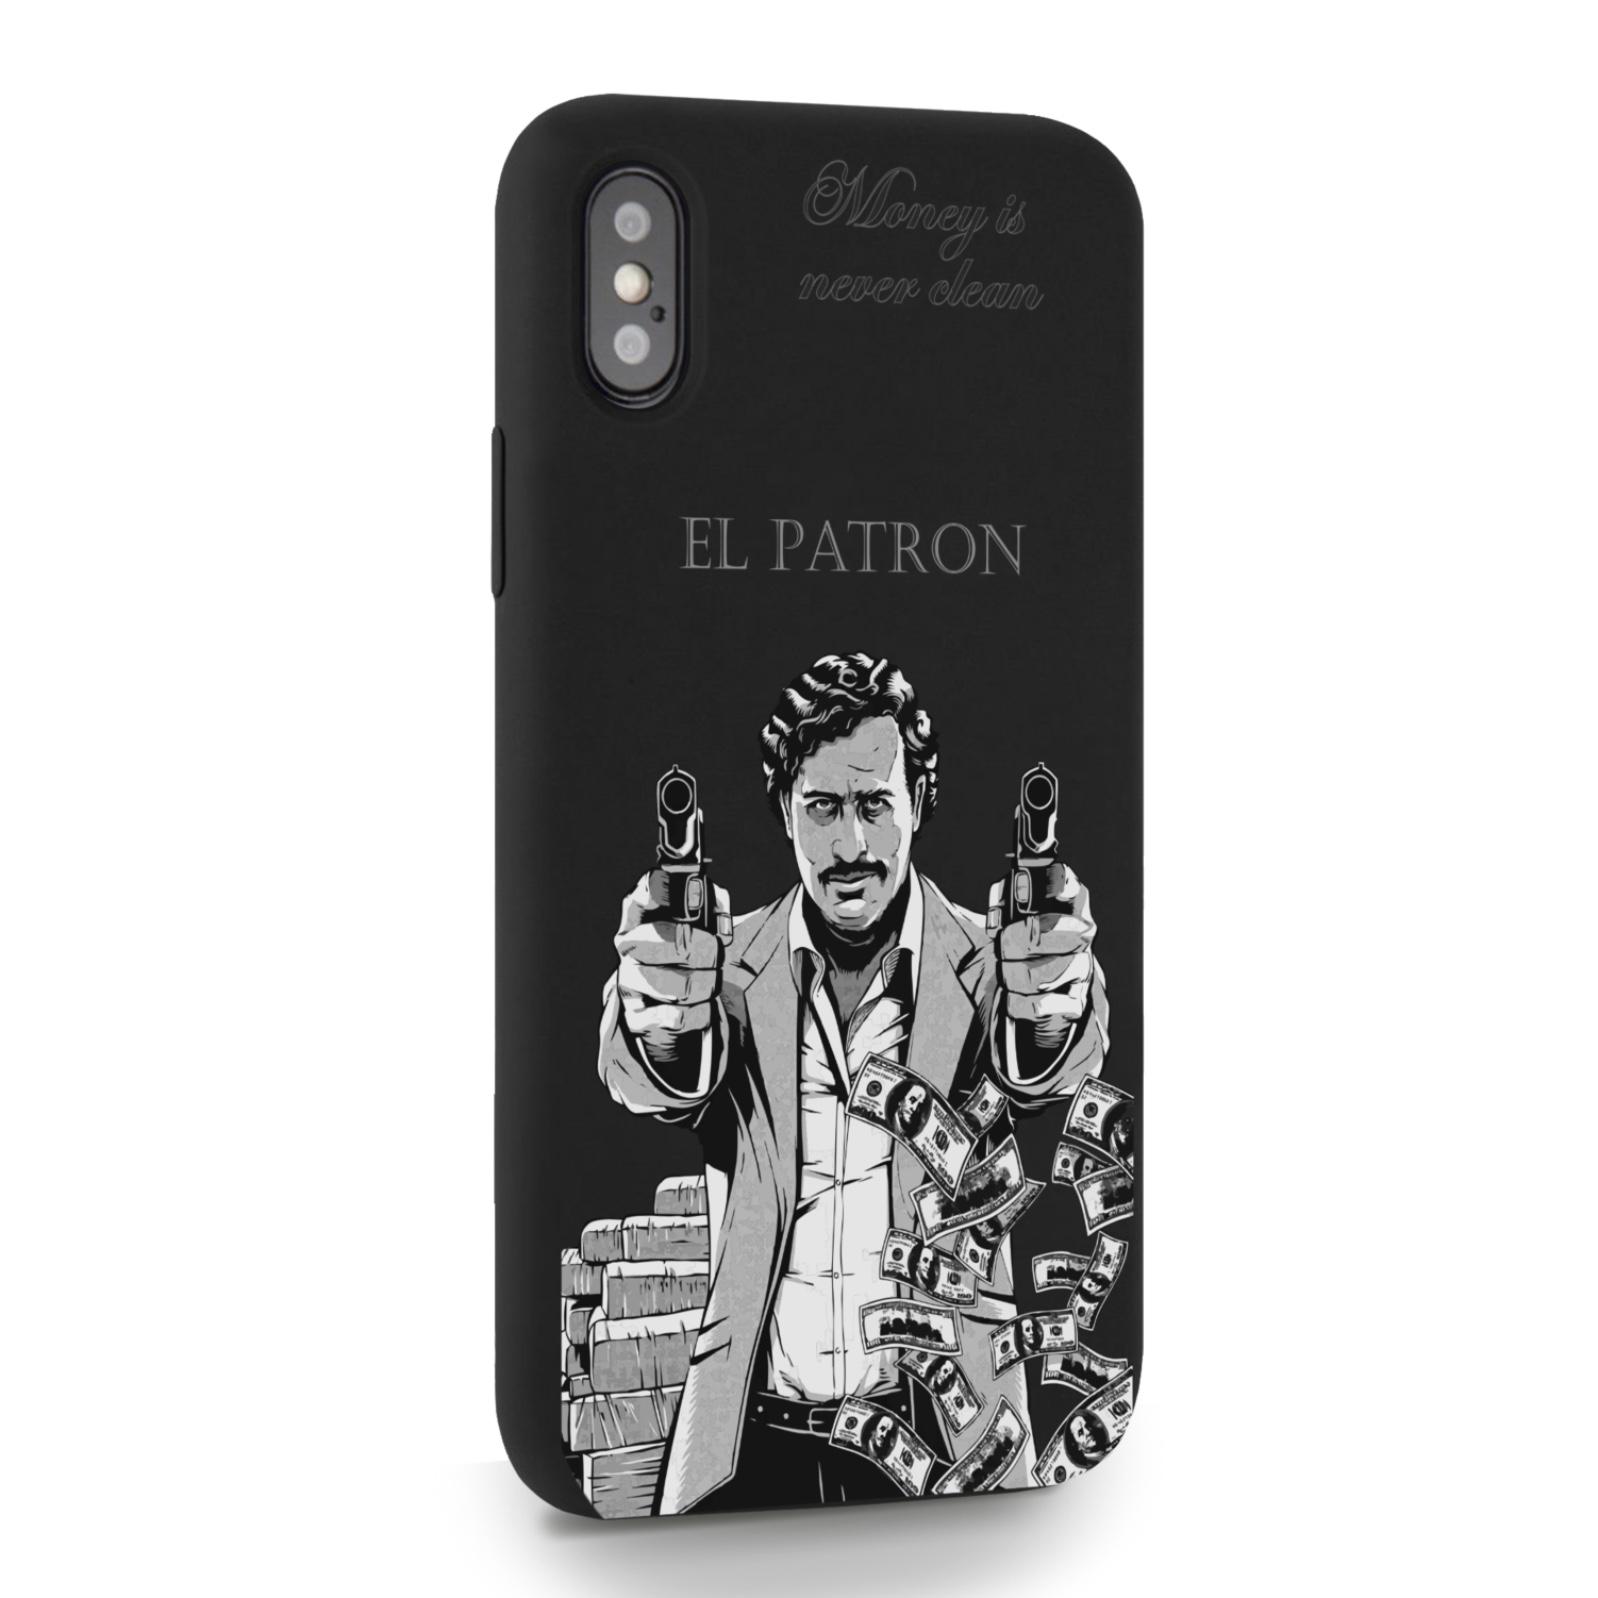 Черный силиконовый чехол для iPhone X/XS El Patron Pablo Escobar Пабло Эскобар для Айфон 10/10с